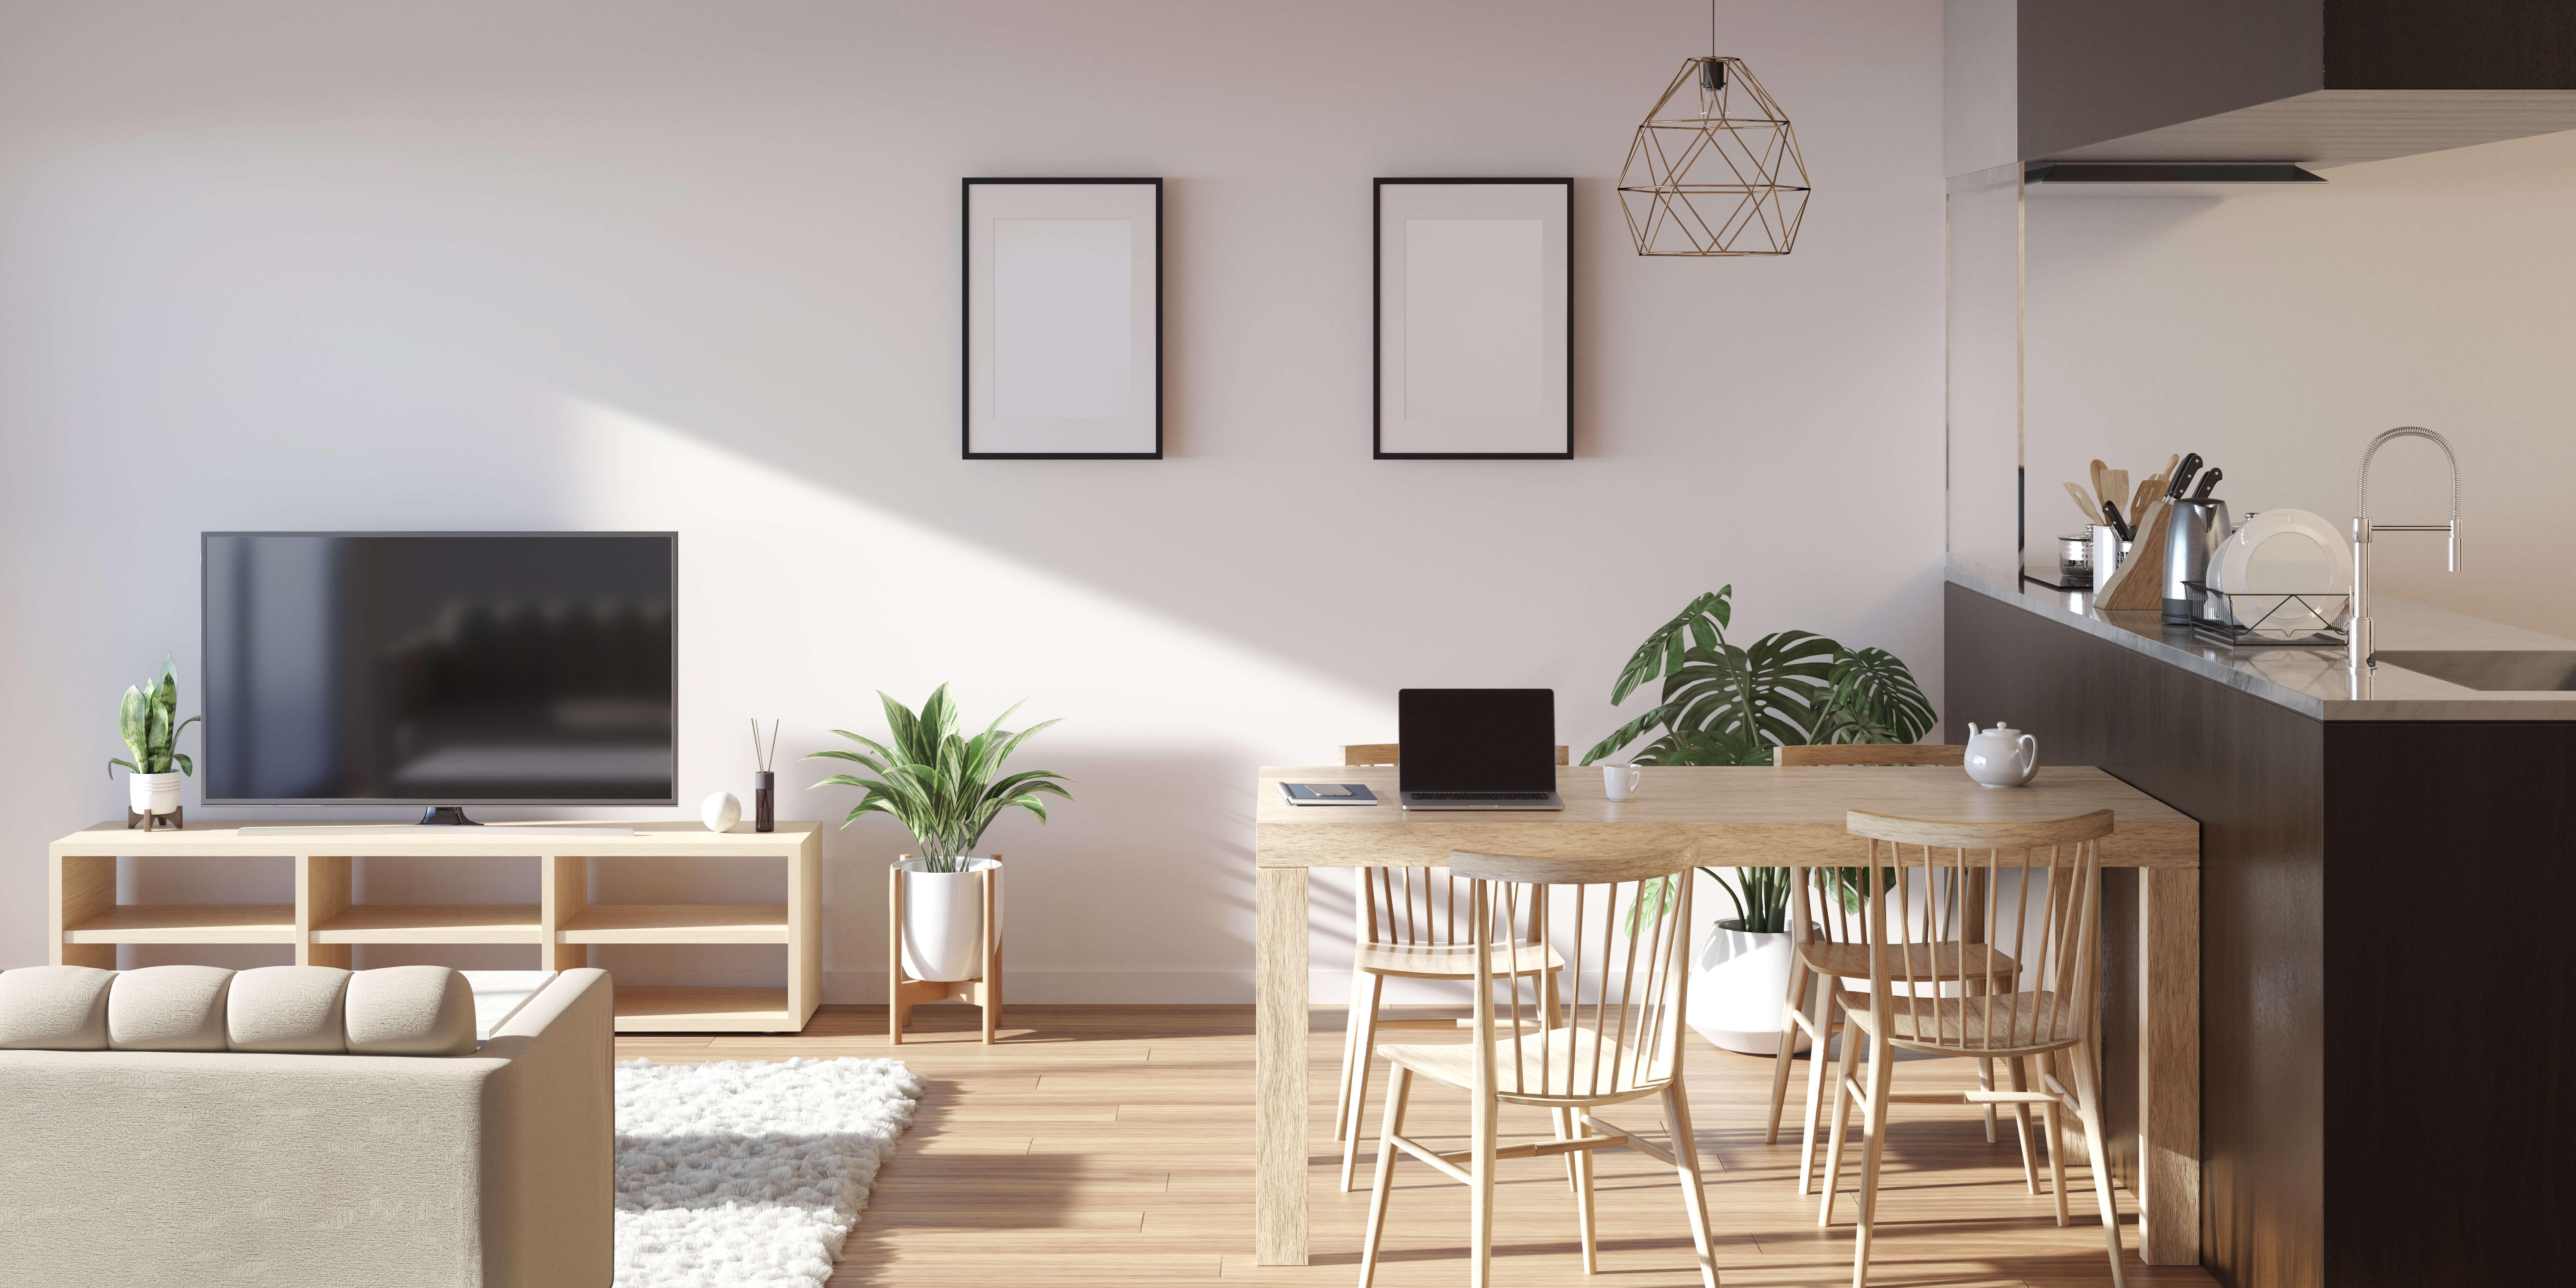 居心地の良い部屋を作る家具の配置とは?参考にしたい実例やコツを解説します